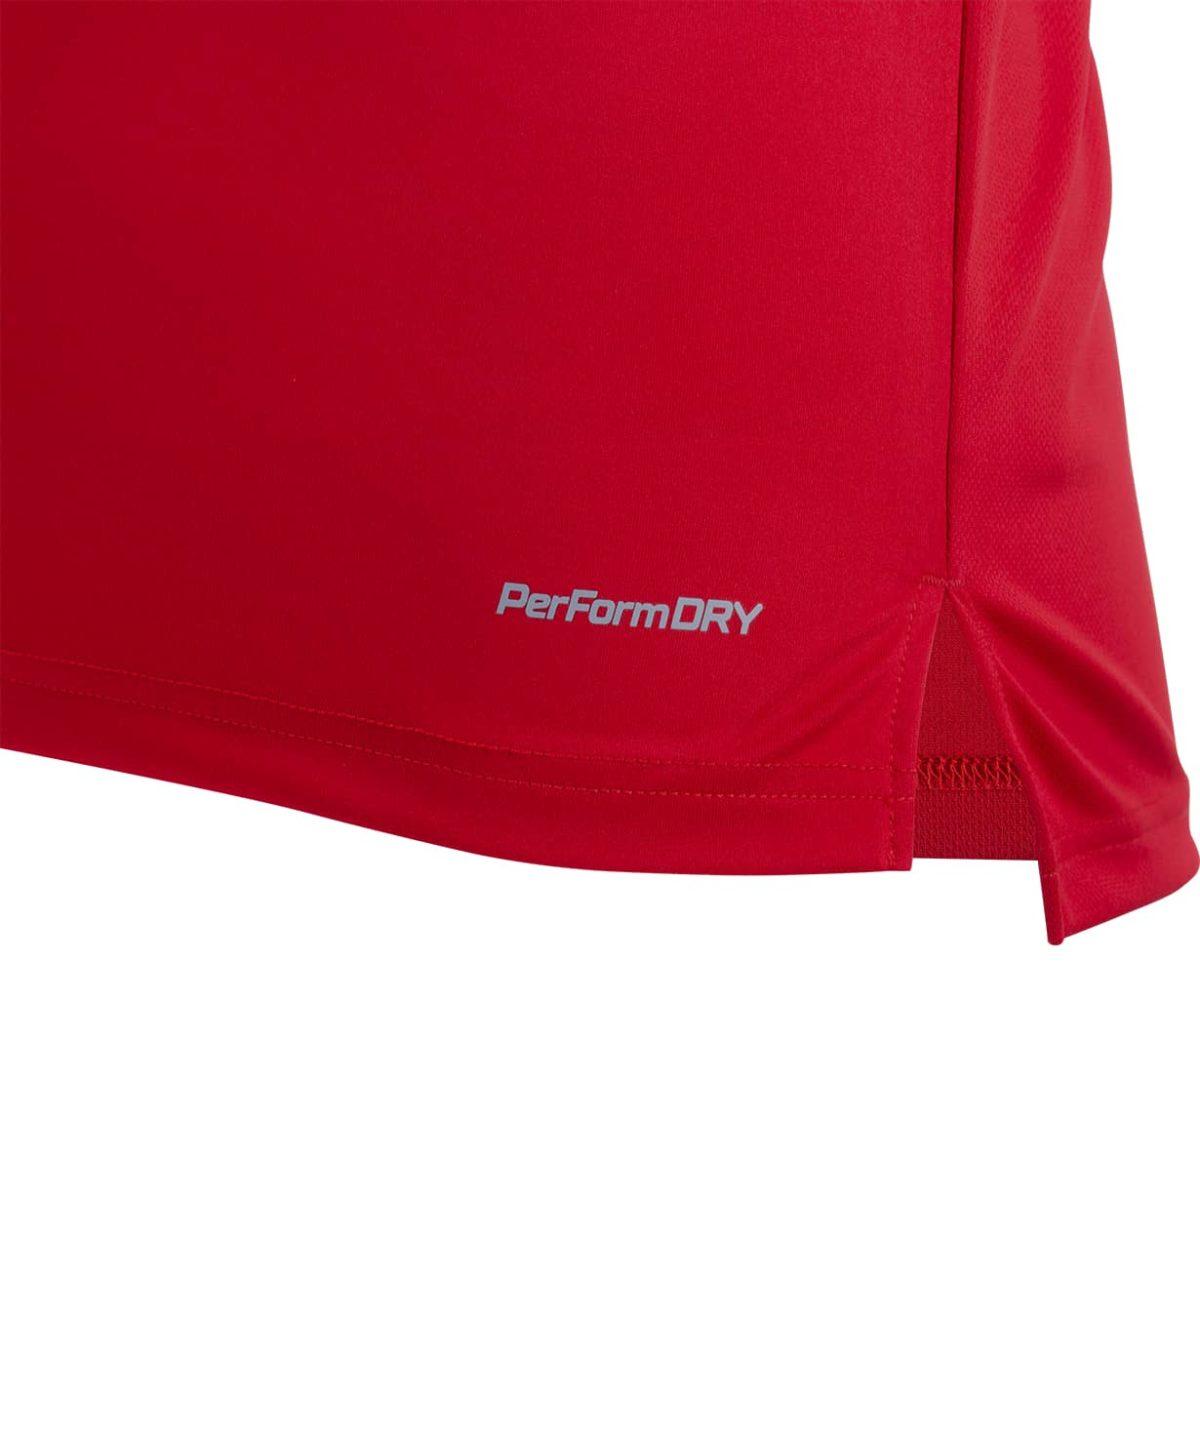 JOGEL DIVISION футболка футбольная Union Jersey: т.красный/белый - 4